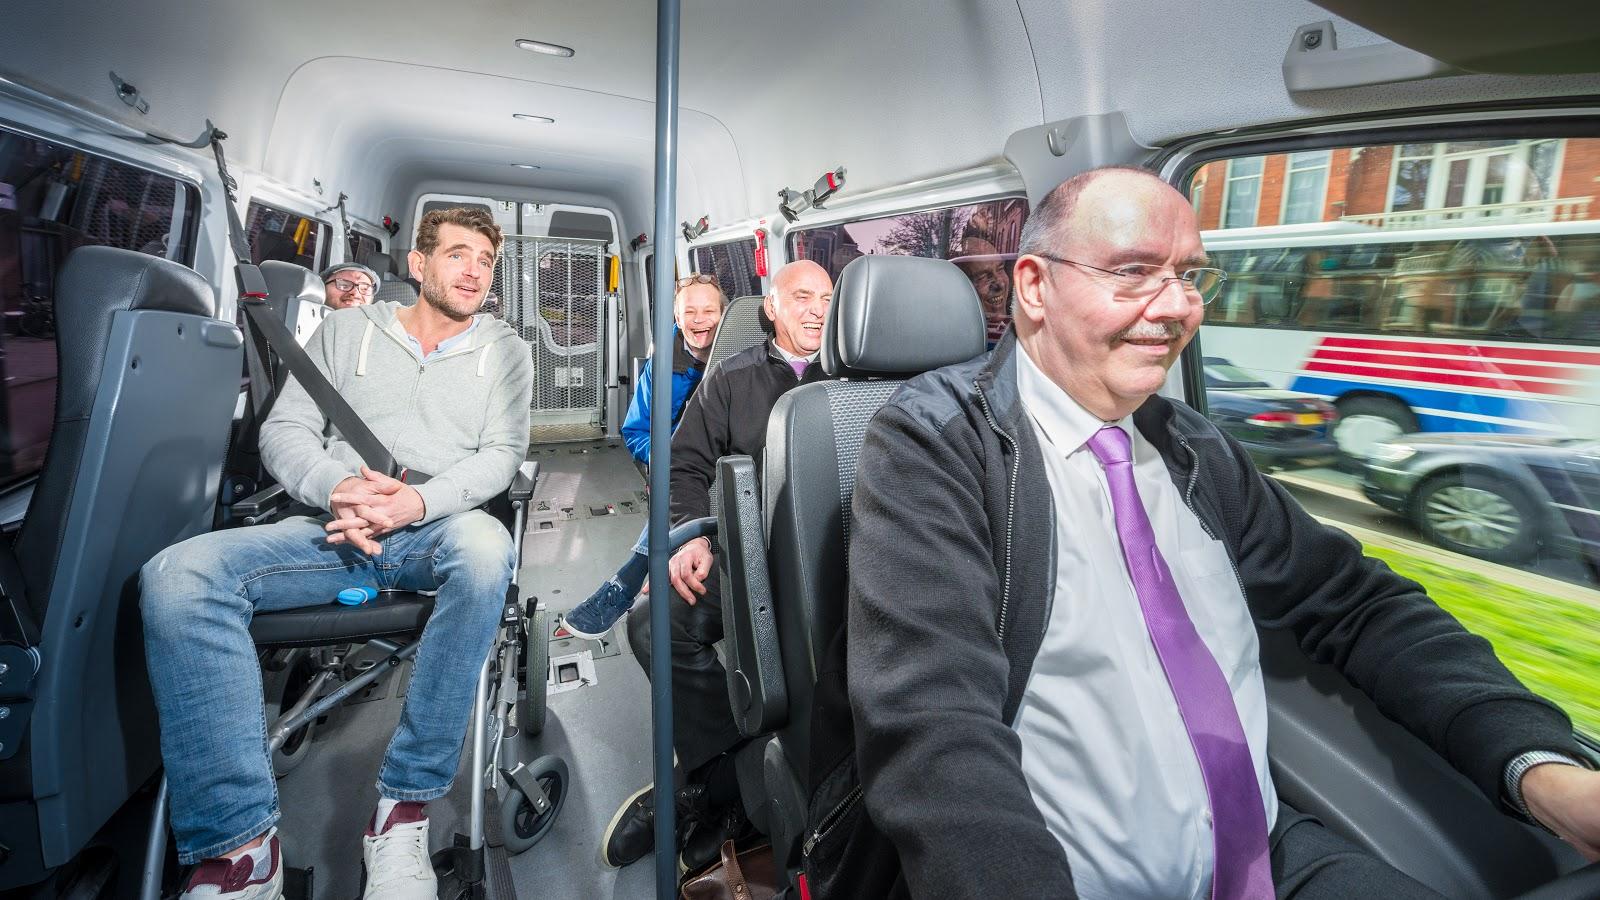 Motorista e passageiros no transporte público adaptado para deficientes